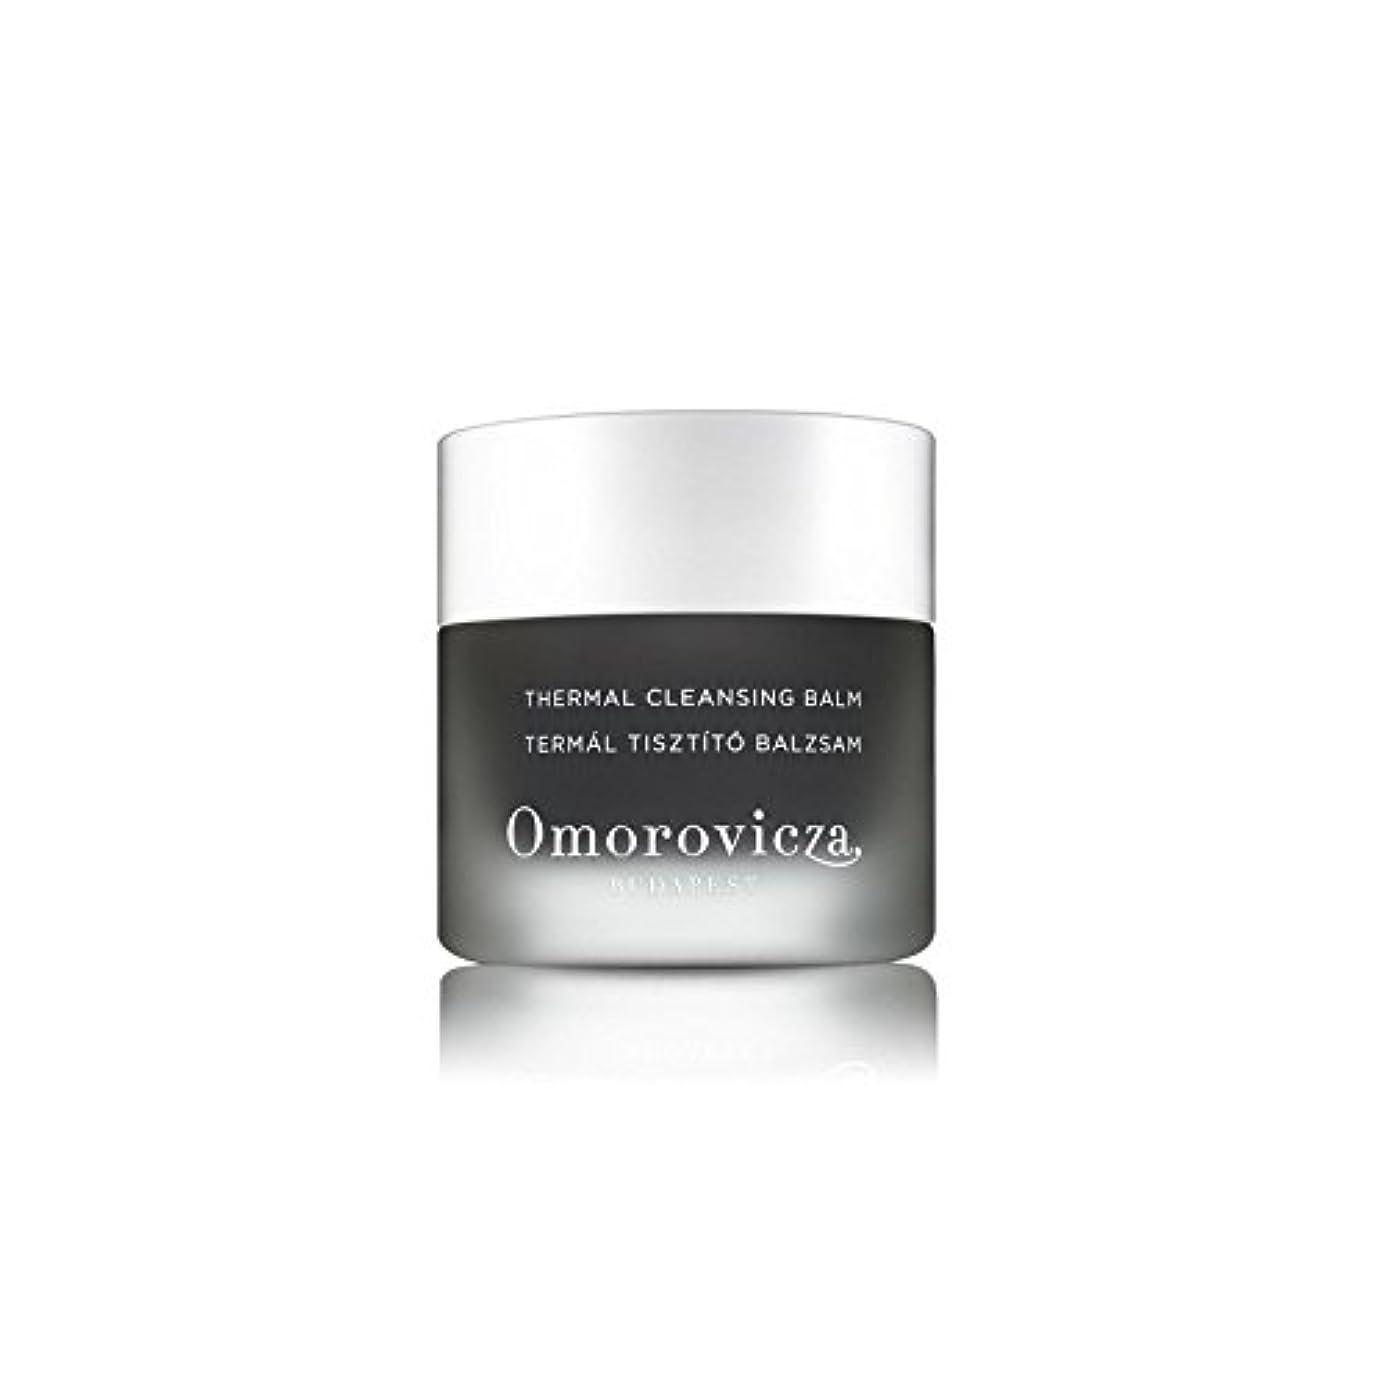 ショルダーあなたが良くなりますラブOmorovicza Thermal Cleansing Balm - All Skin Types (50ml) - すべての肌タイプ(50ミリリットル) - サーマルクレンジングバーム [並行輸入品]